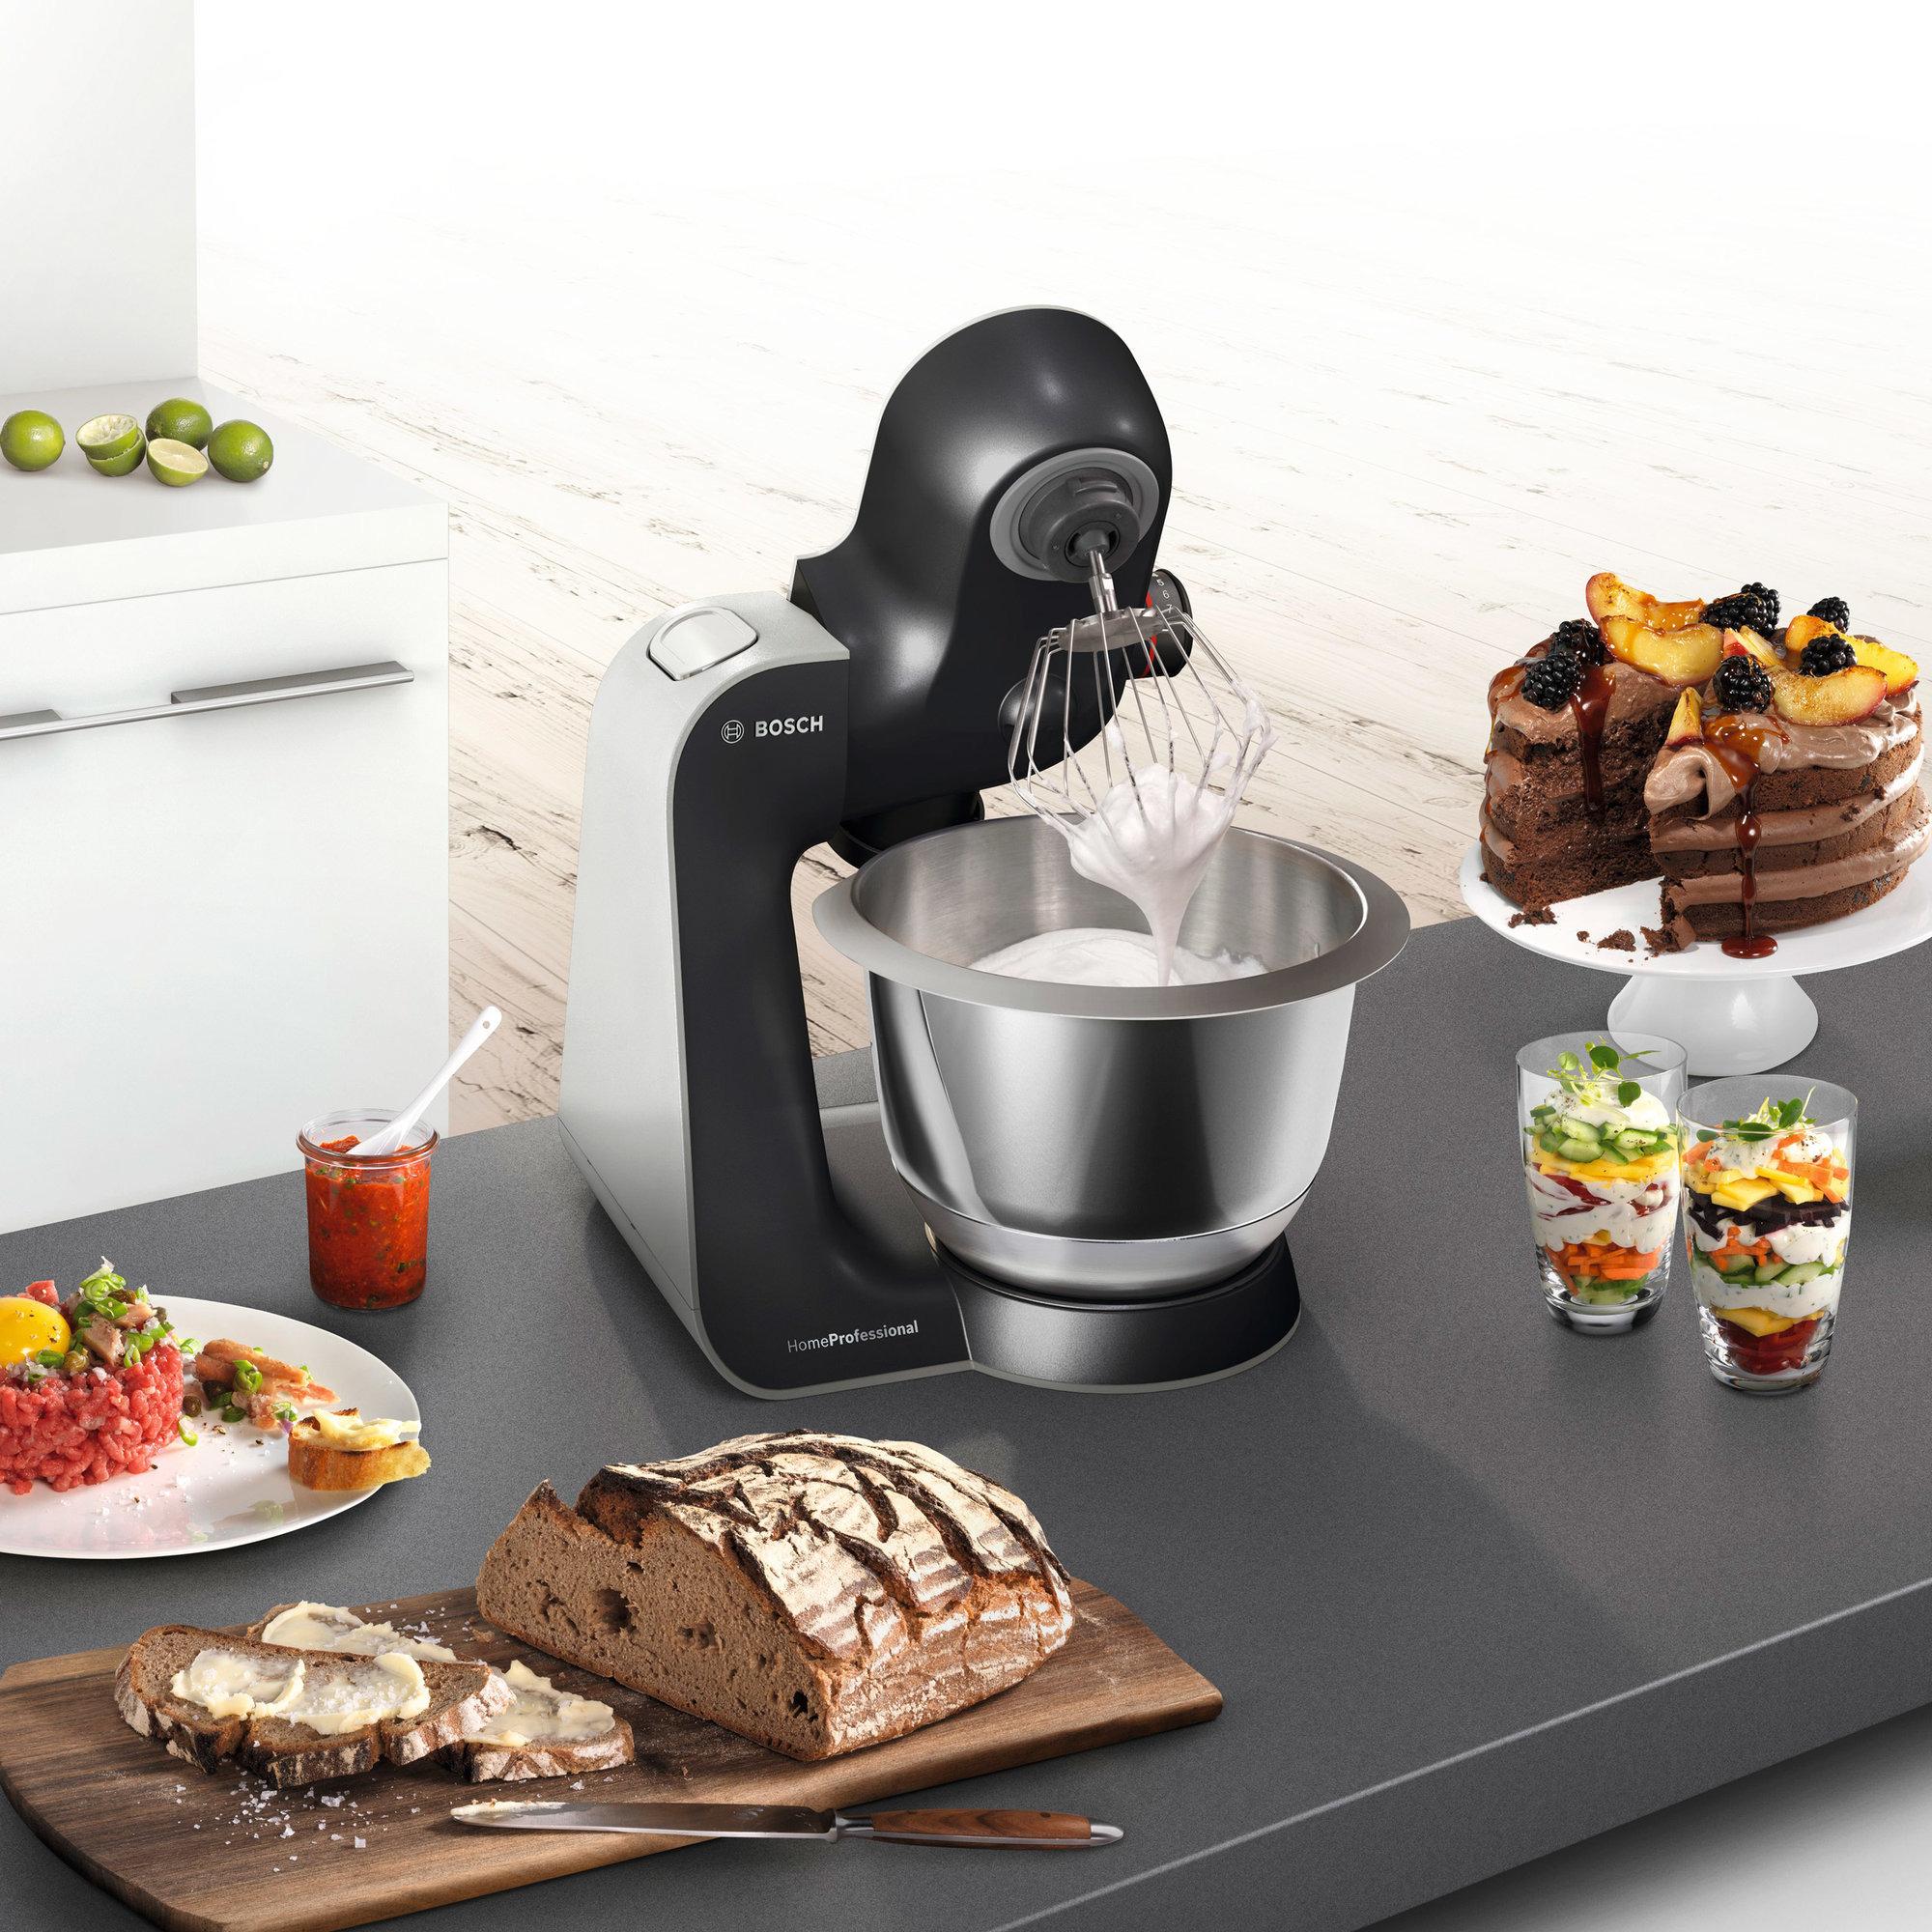 MUM59M55 køkkenmaskine fra Bosch » Multifunktionel køkkenmaskine